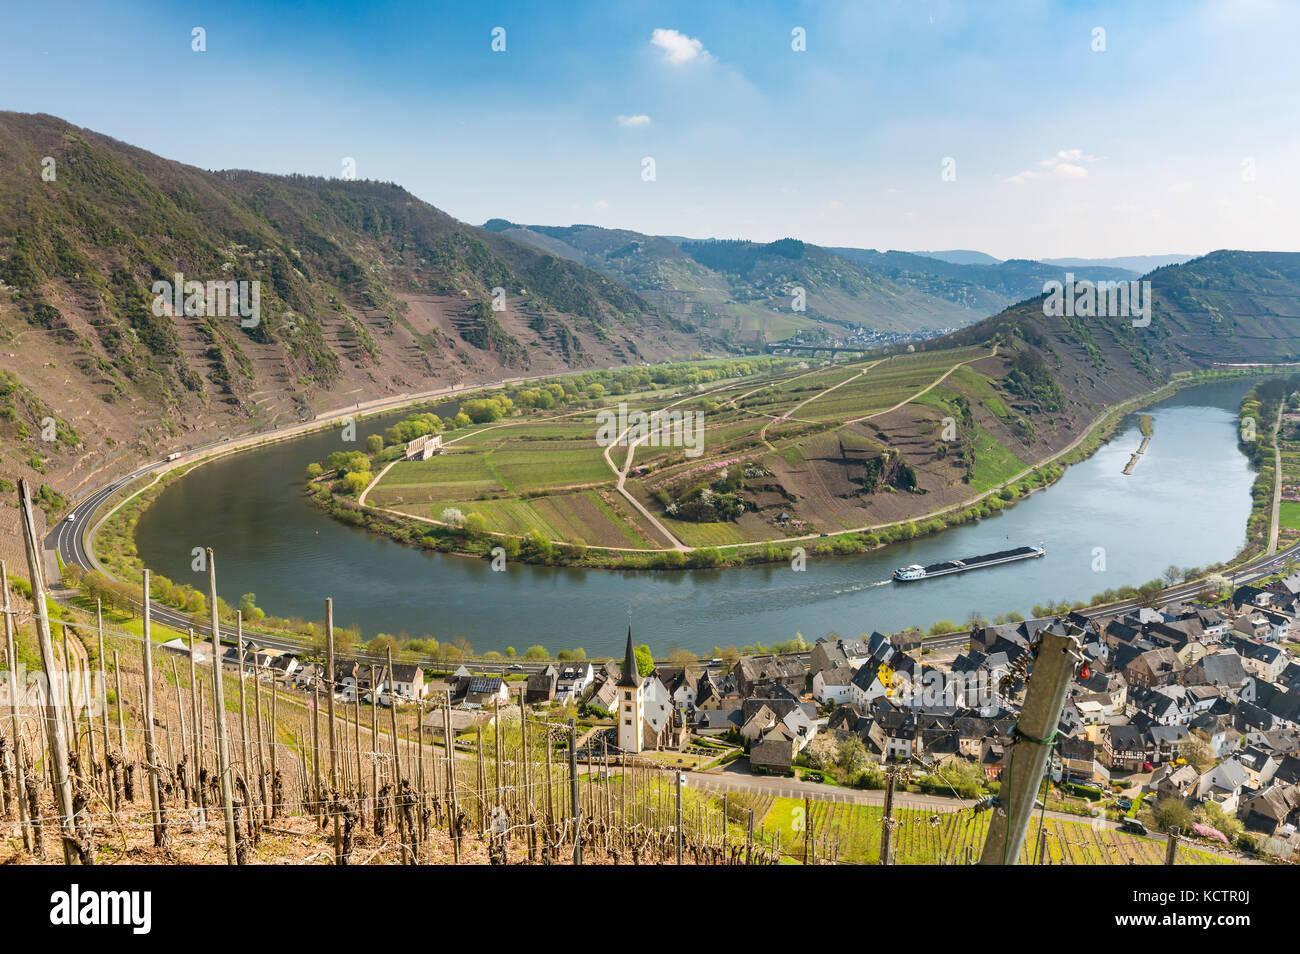 Die berühmten Mosel Riverbend in bremm, Deutschland aus dem Calmont ...